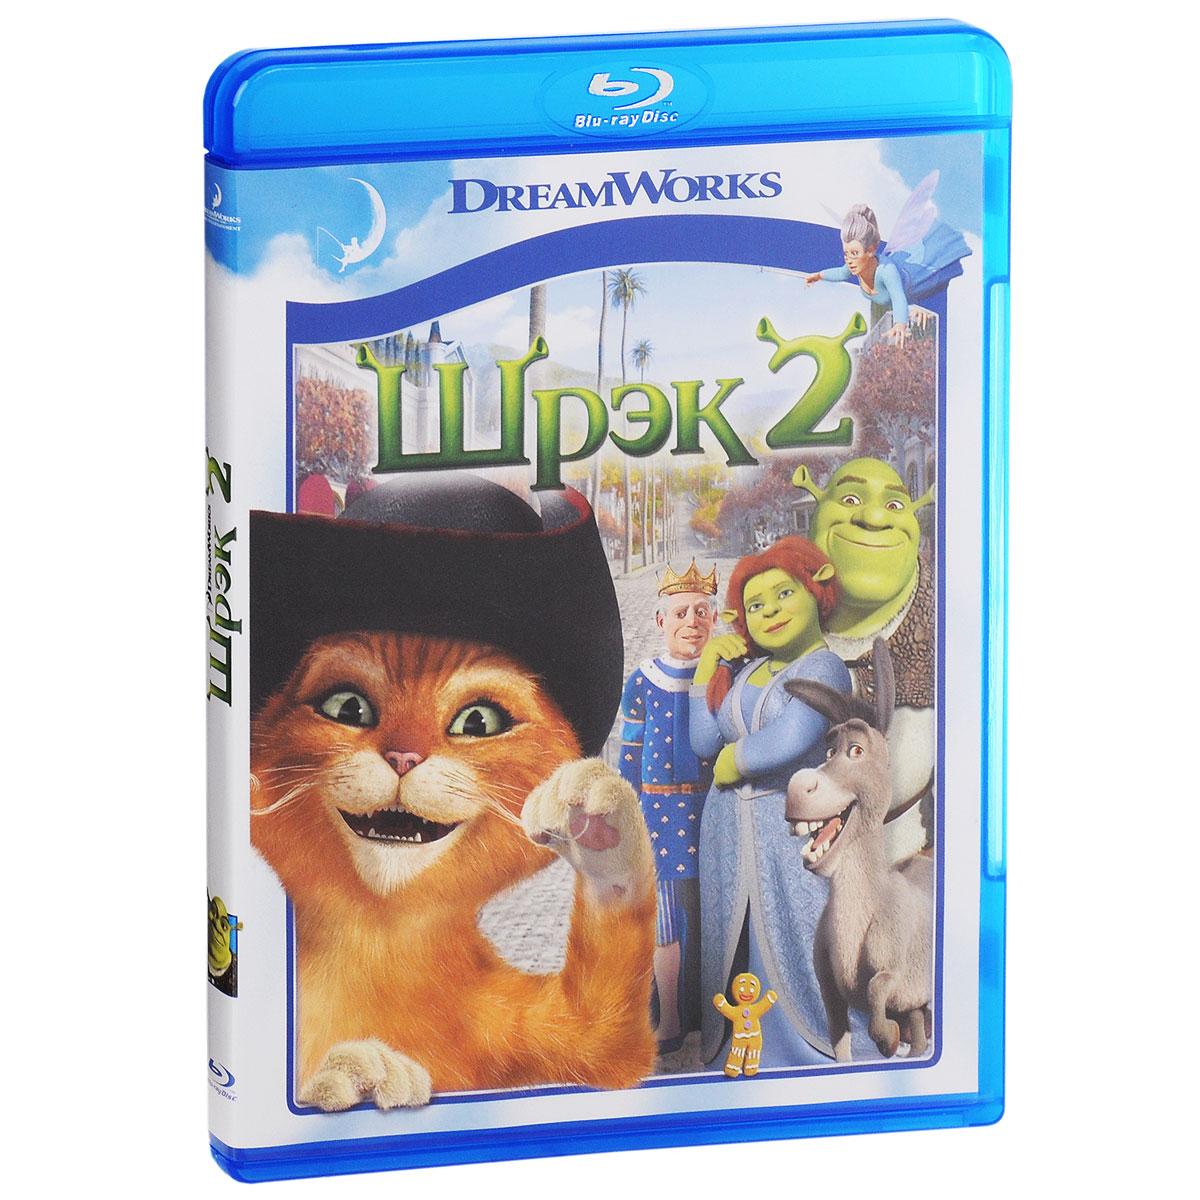 Шрэк 2 (Blu-ray)Великан и всеобщий любимец возвращается – в фильме «Шрек 2», комедии номер 1 всех времен, и этого героя приветствуют в равной мере и критики, и кинозрители. Он вызывает еще больший восторг, чем его предшественник, обладатель премии Oscar! Мы отправляемся в увлекательное путешествие. Оно начинается с поездки героев в гости к будущим тестю и теще Шрека, а продолжается очень долго и насыщено новыми невероятными и ужасно смешными приключениями Шрека и Фионы. Вместе со своим преданным Осликом Шрек добывает волшебный напиток у Феи-Крестной, встречается с напыщенным принцем Чармингом и легендарным Котом в сапогах, жестоким убийцей великанов, у которого, как оказывается, сердце на самом деле нежное, как у ласковой кошечки!